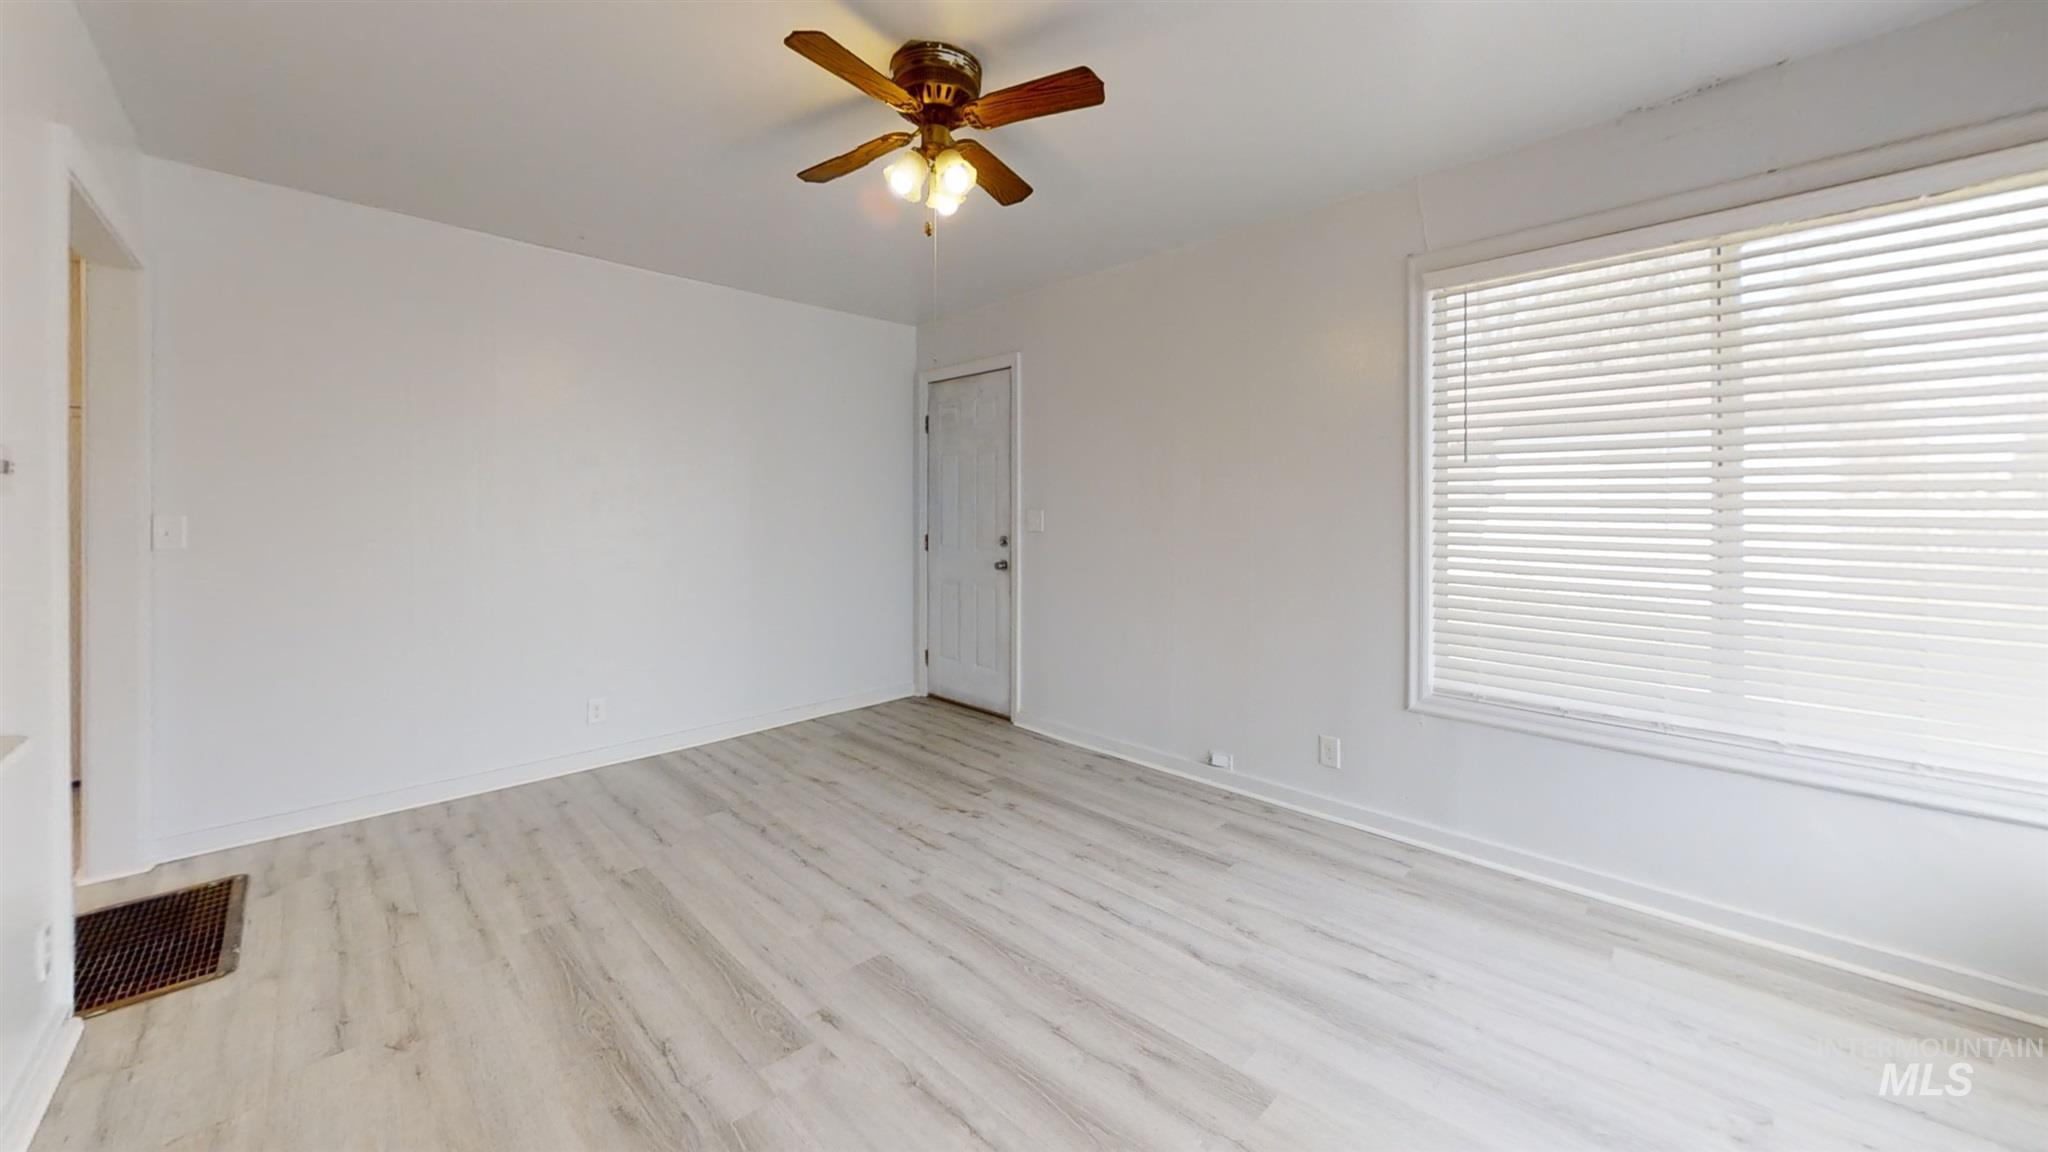 697 S Stout Property Photo 6